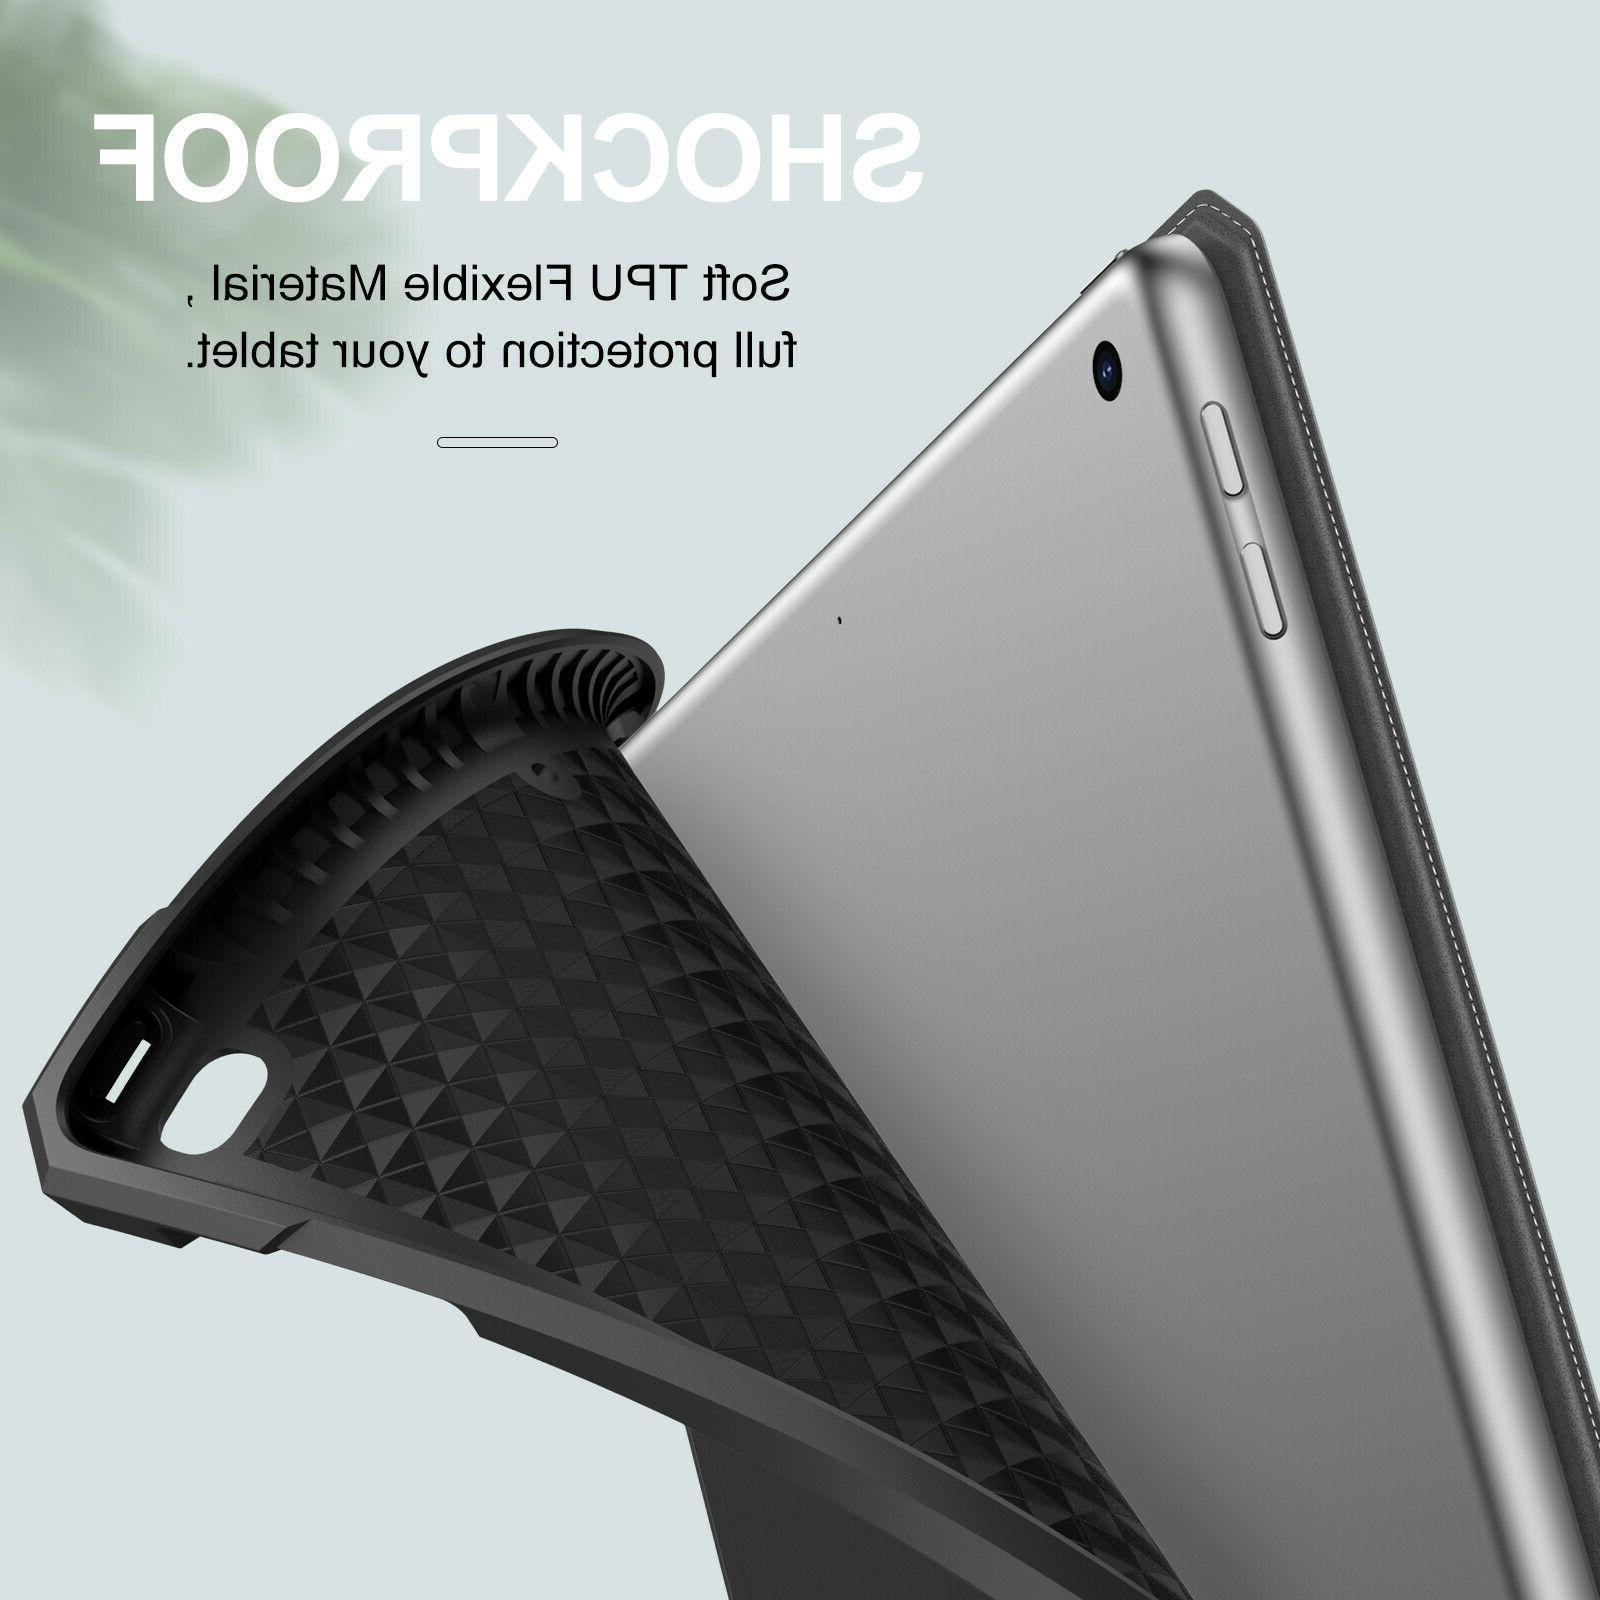 iPad 2018/iPad 2017/iPad Air 2/iPad Multiple